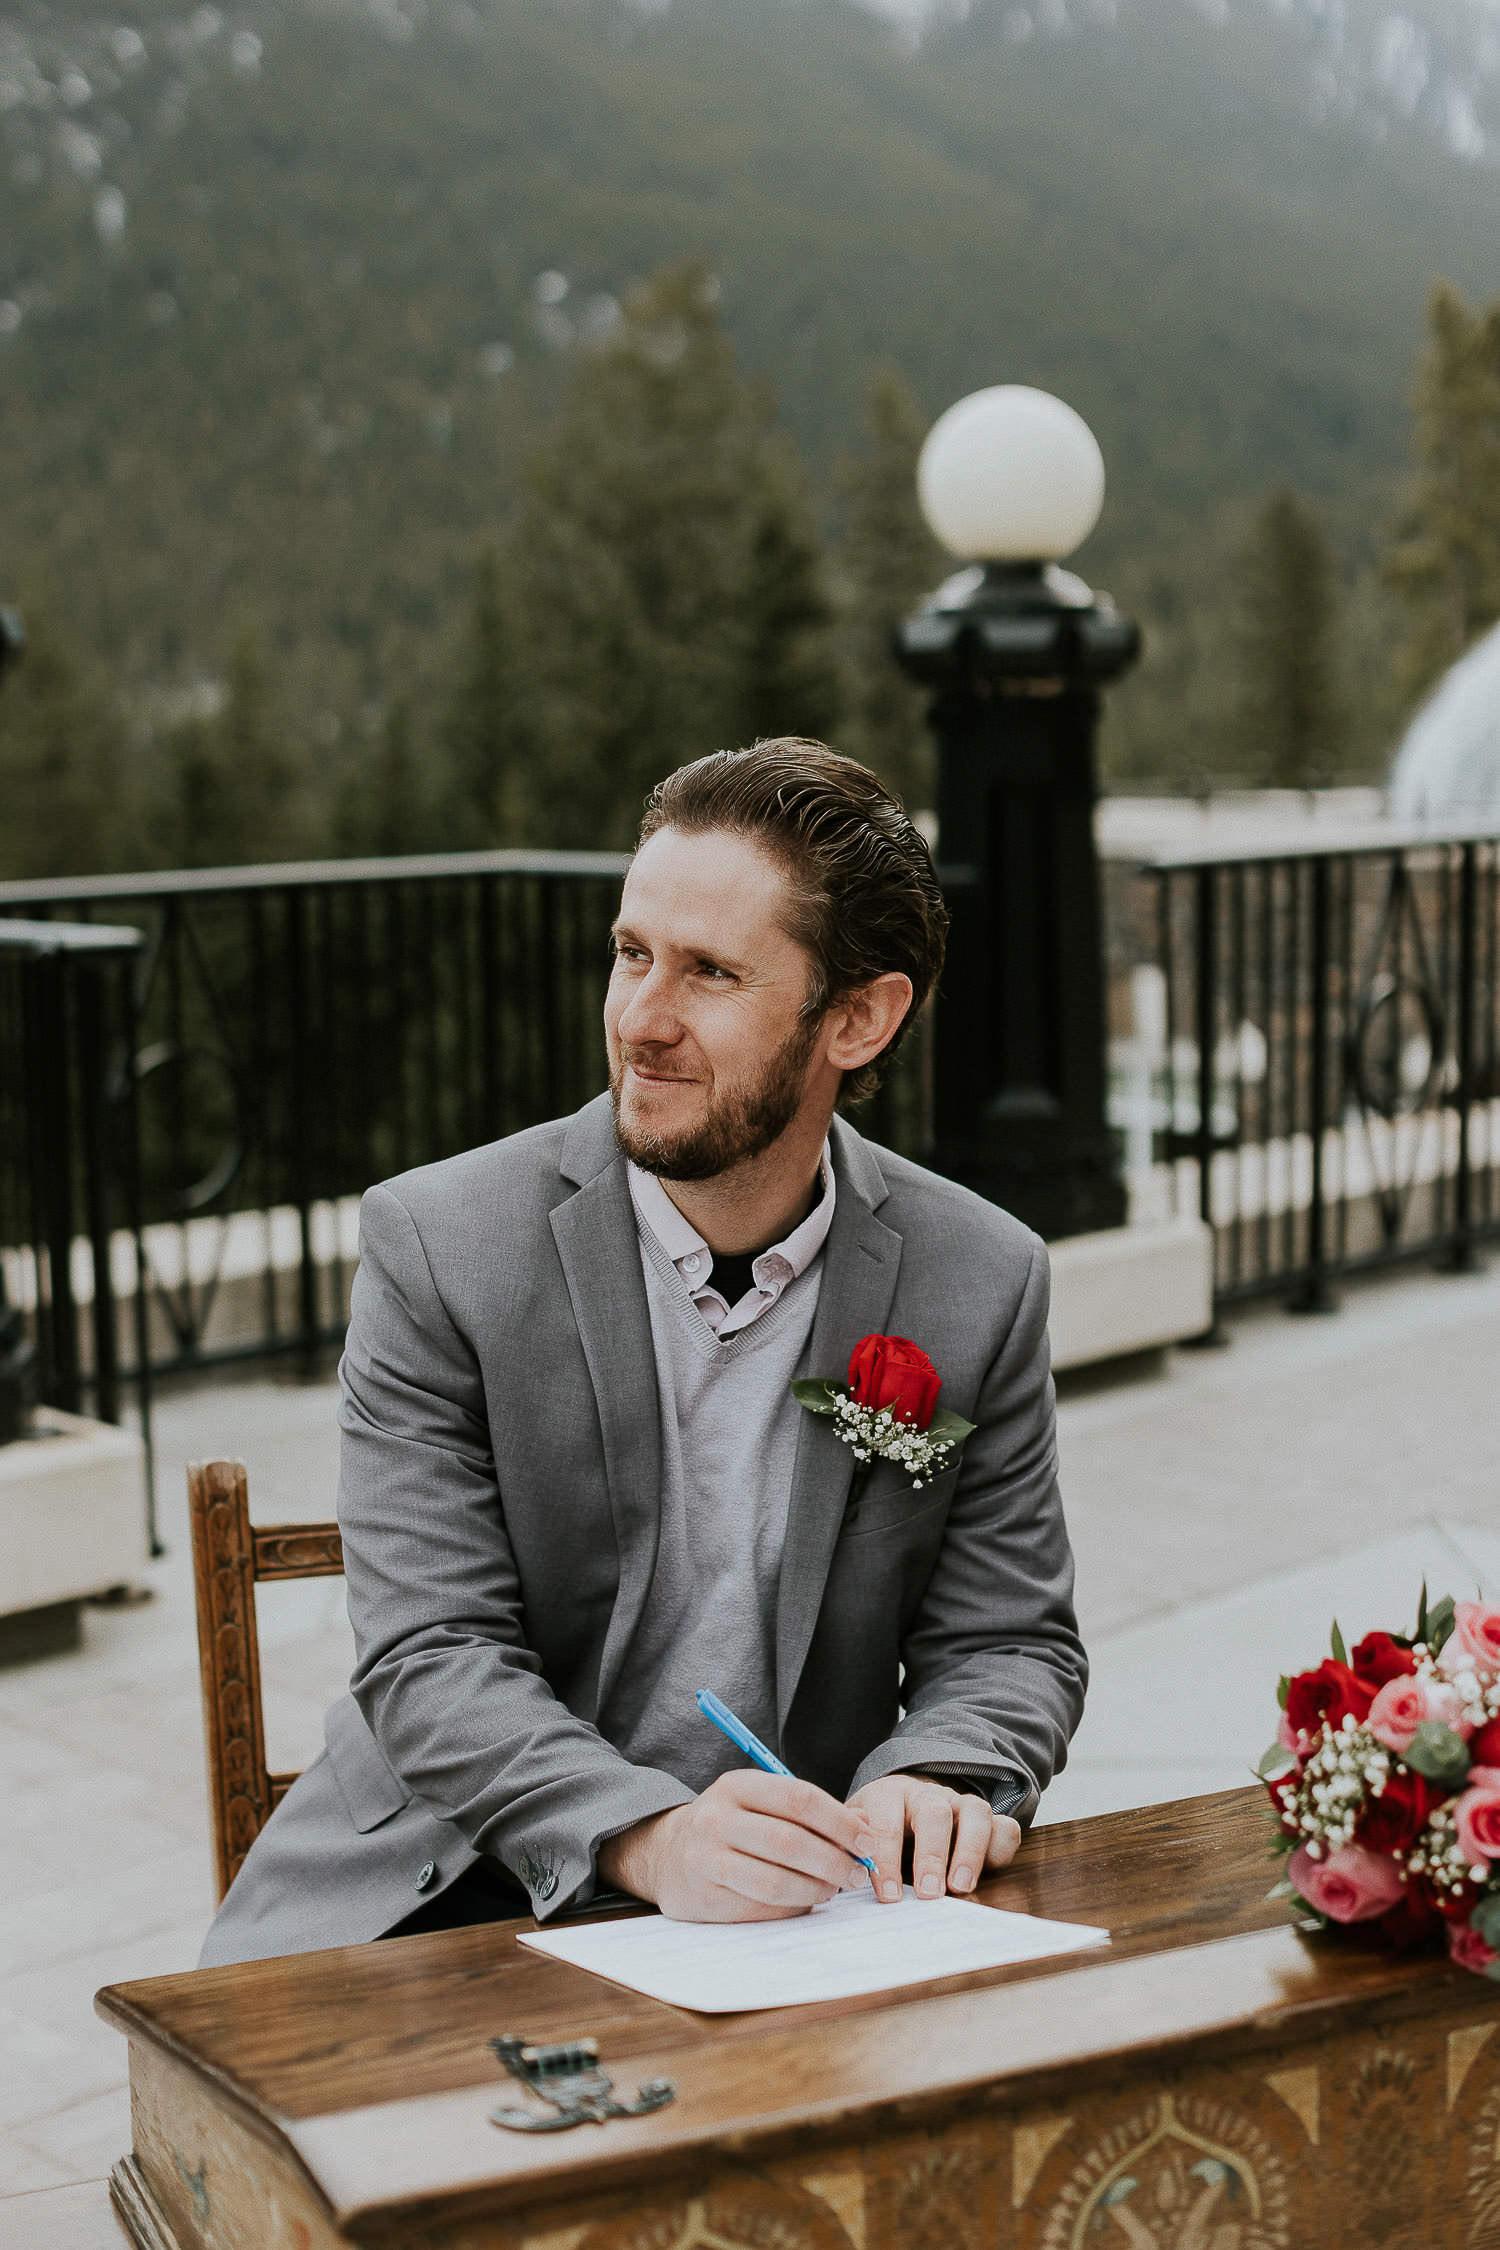 intimate-wedding-at-banff-springs-hotel-sarah-pukin-0112